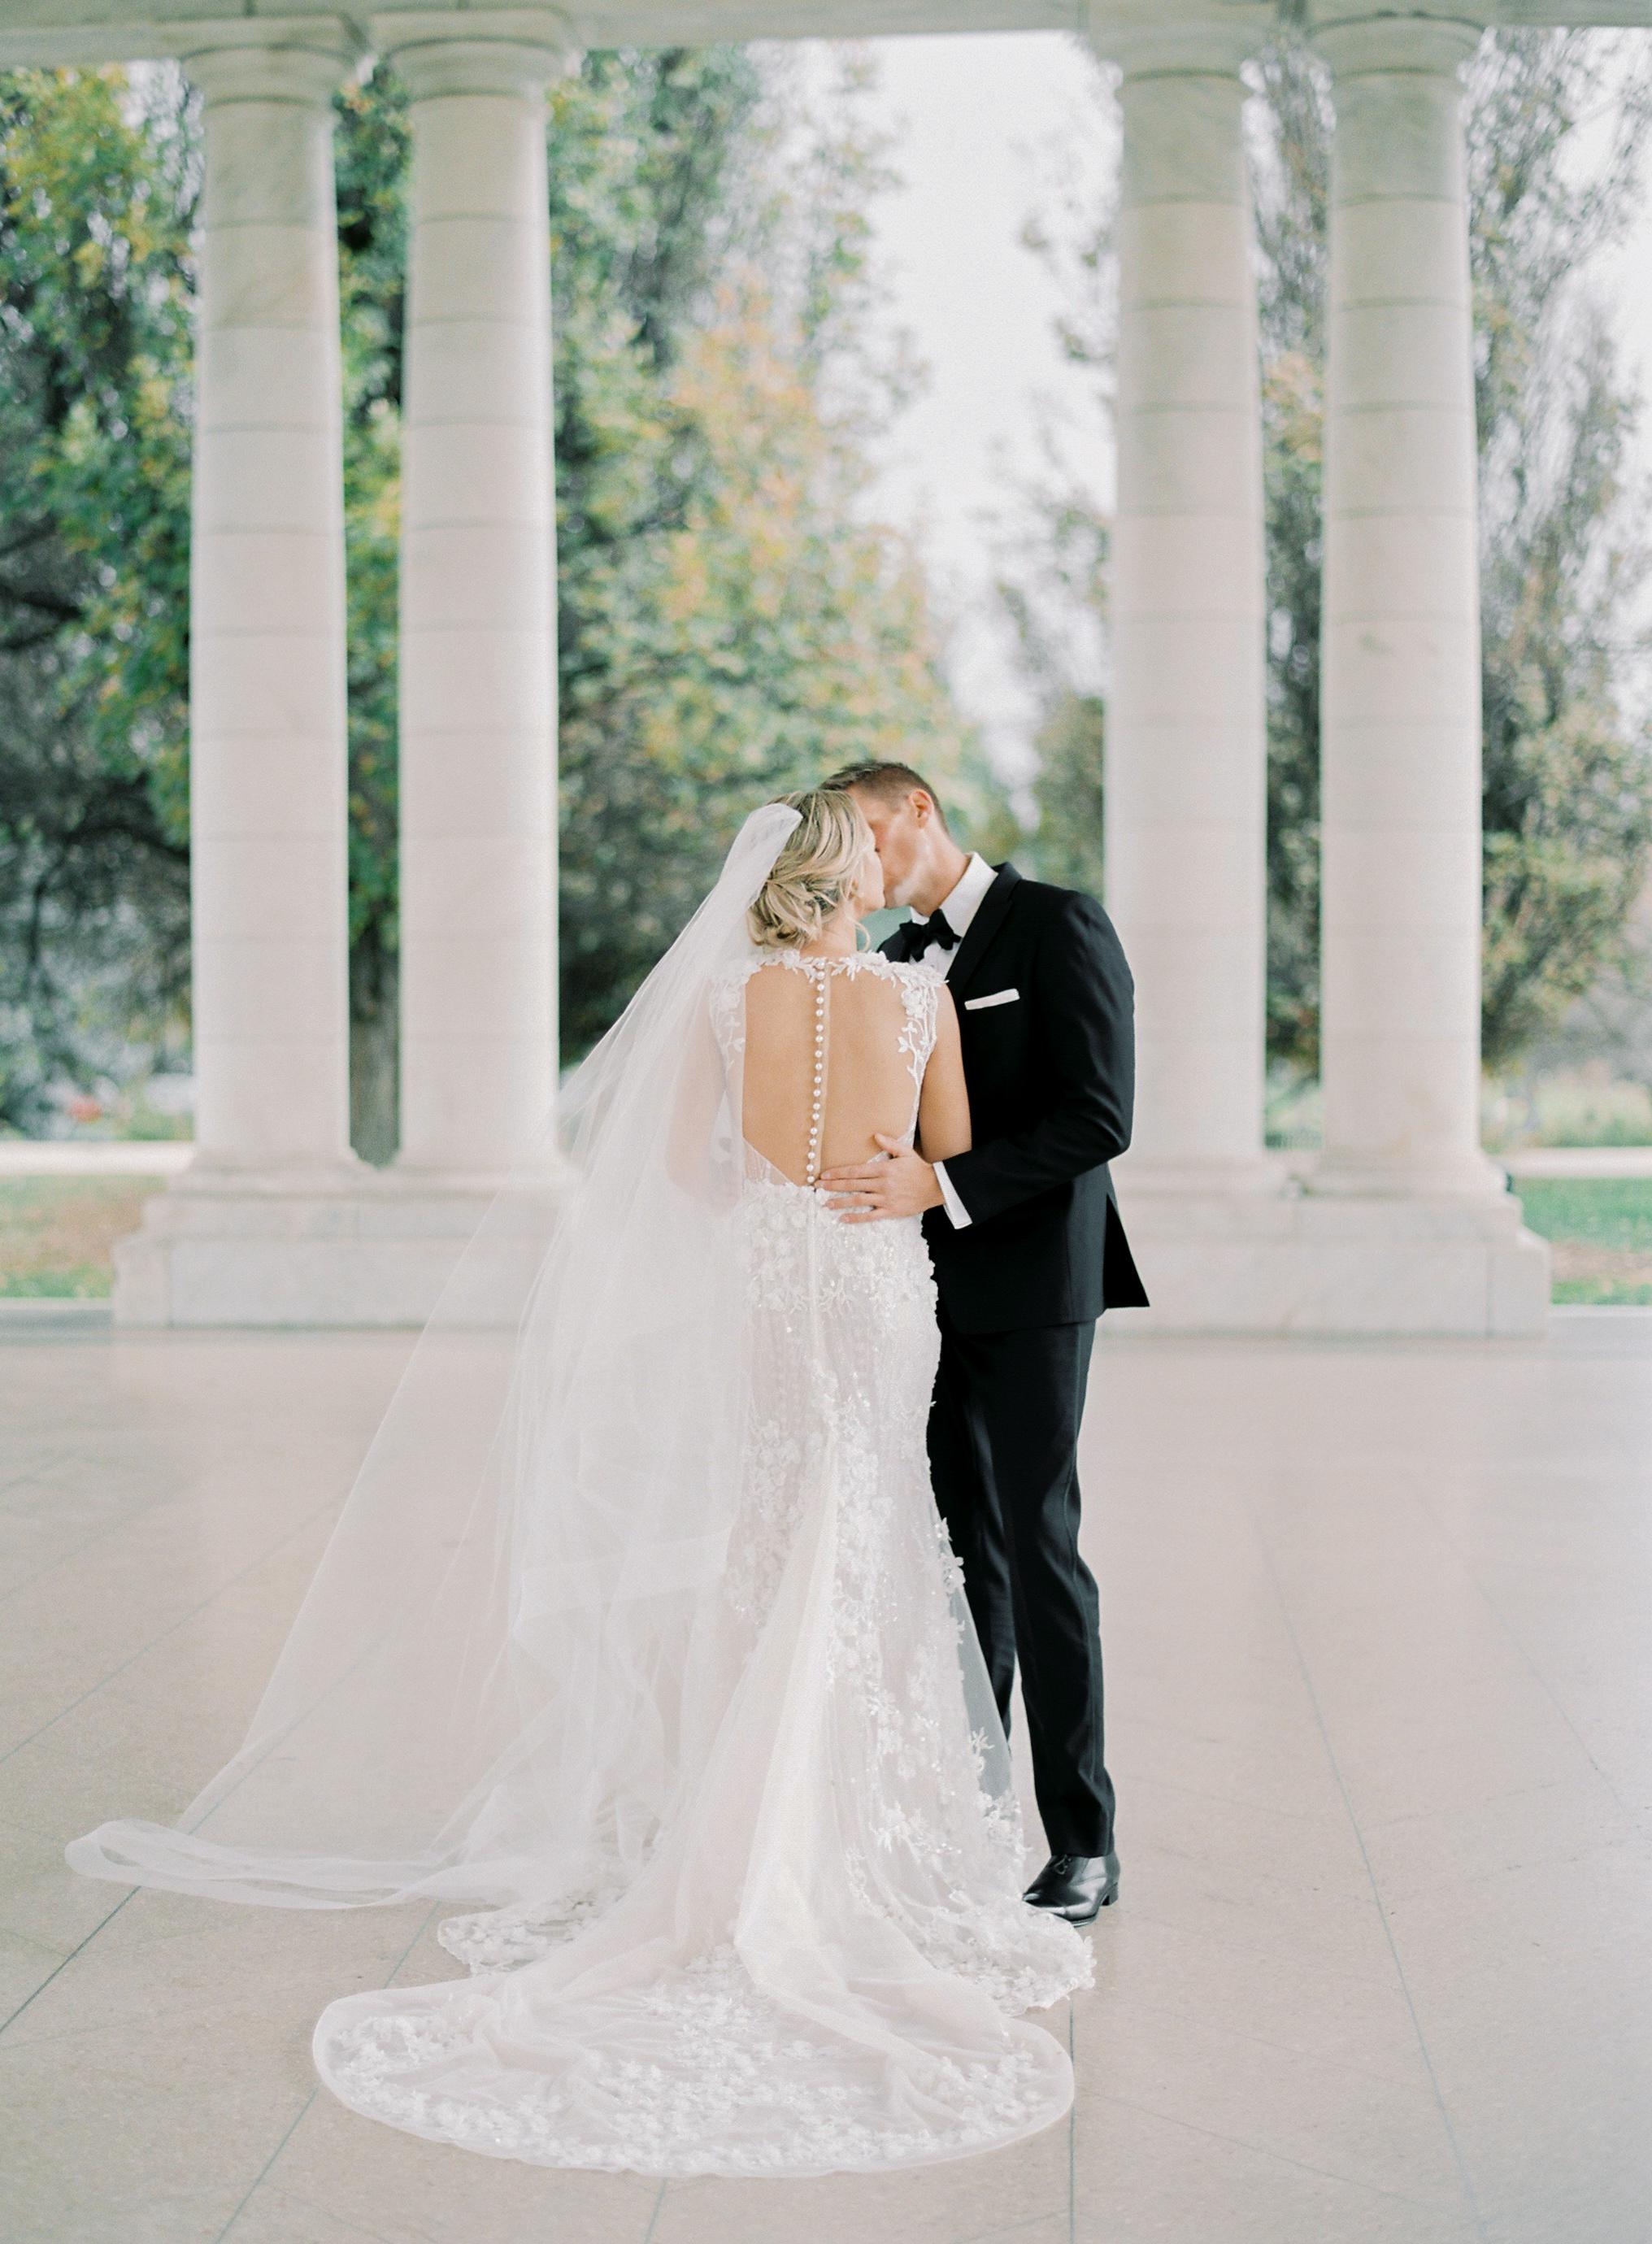 Sarah and John Wedding-Carrie King Photographer-16.jpg